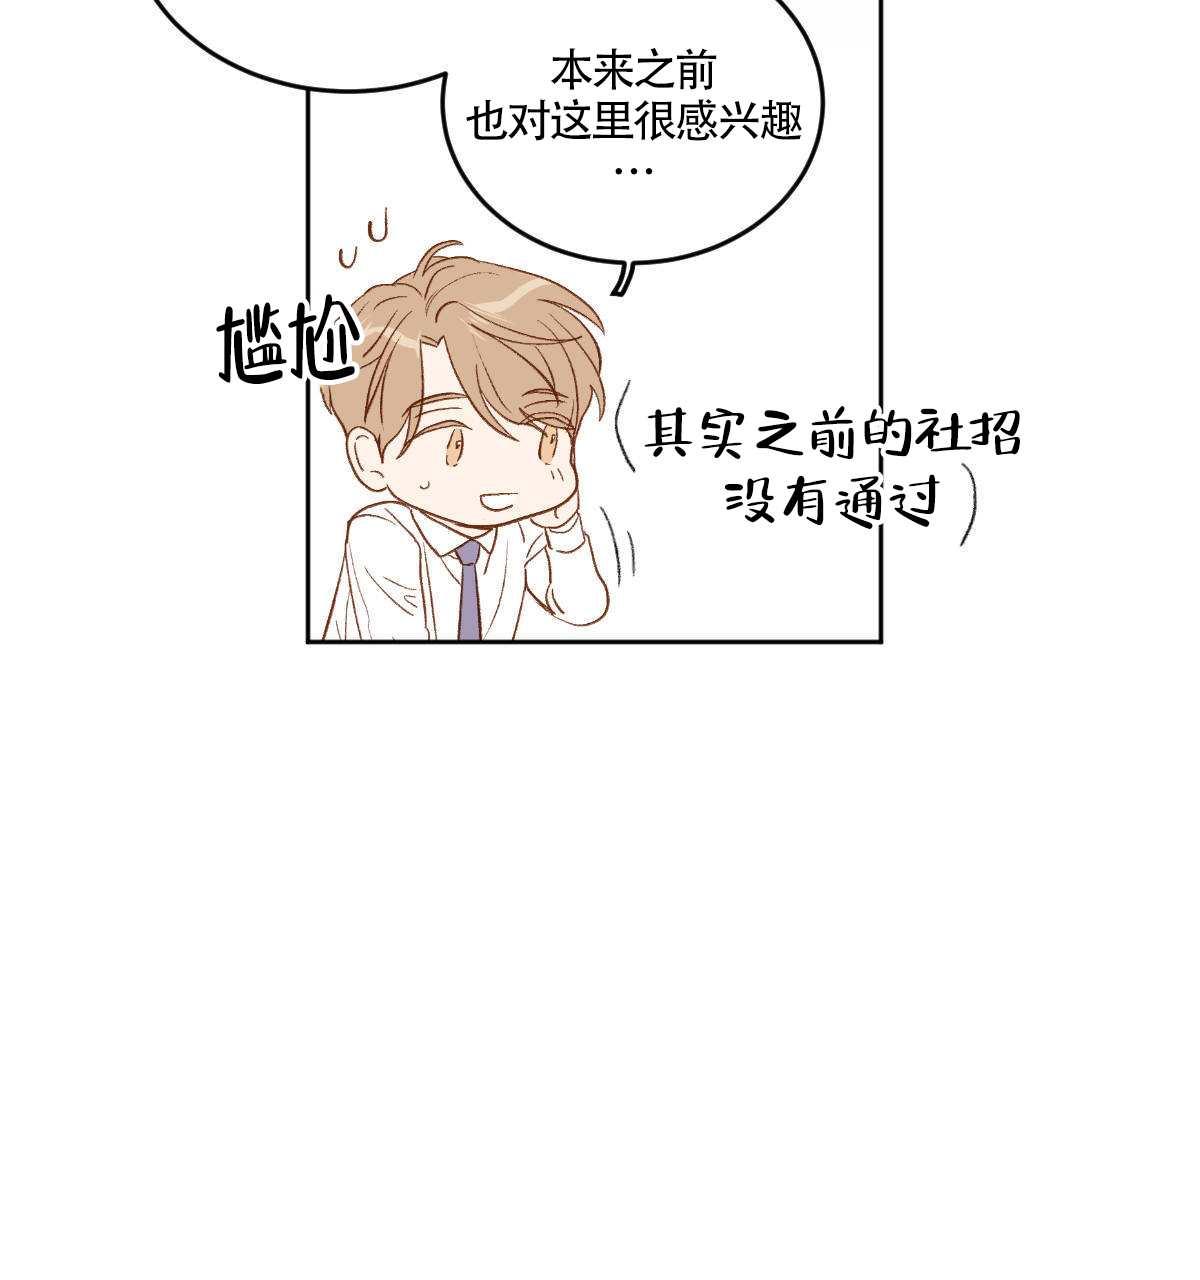 韩漫《新入职员》撩走办公室最可怕的大魔王!  第40张